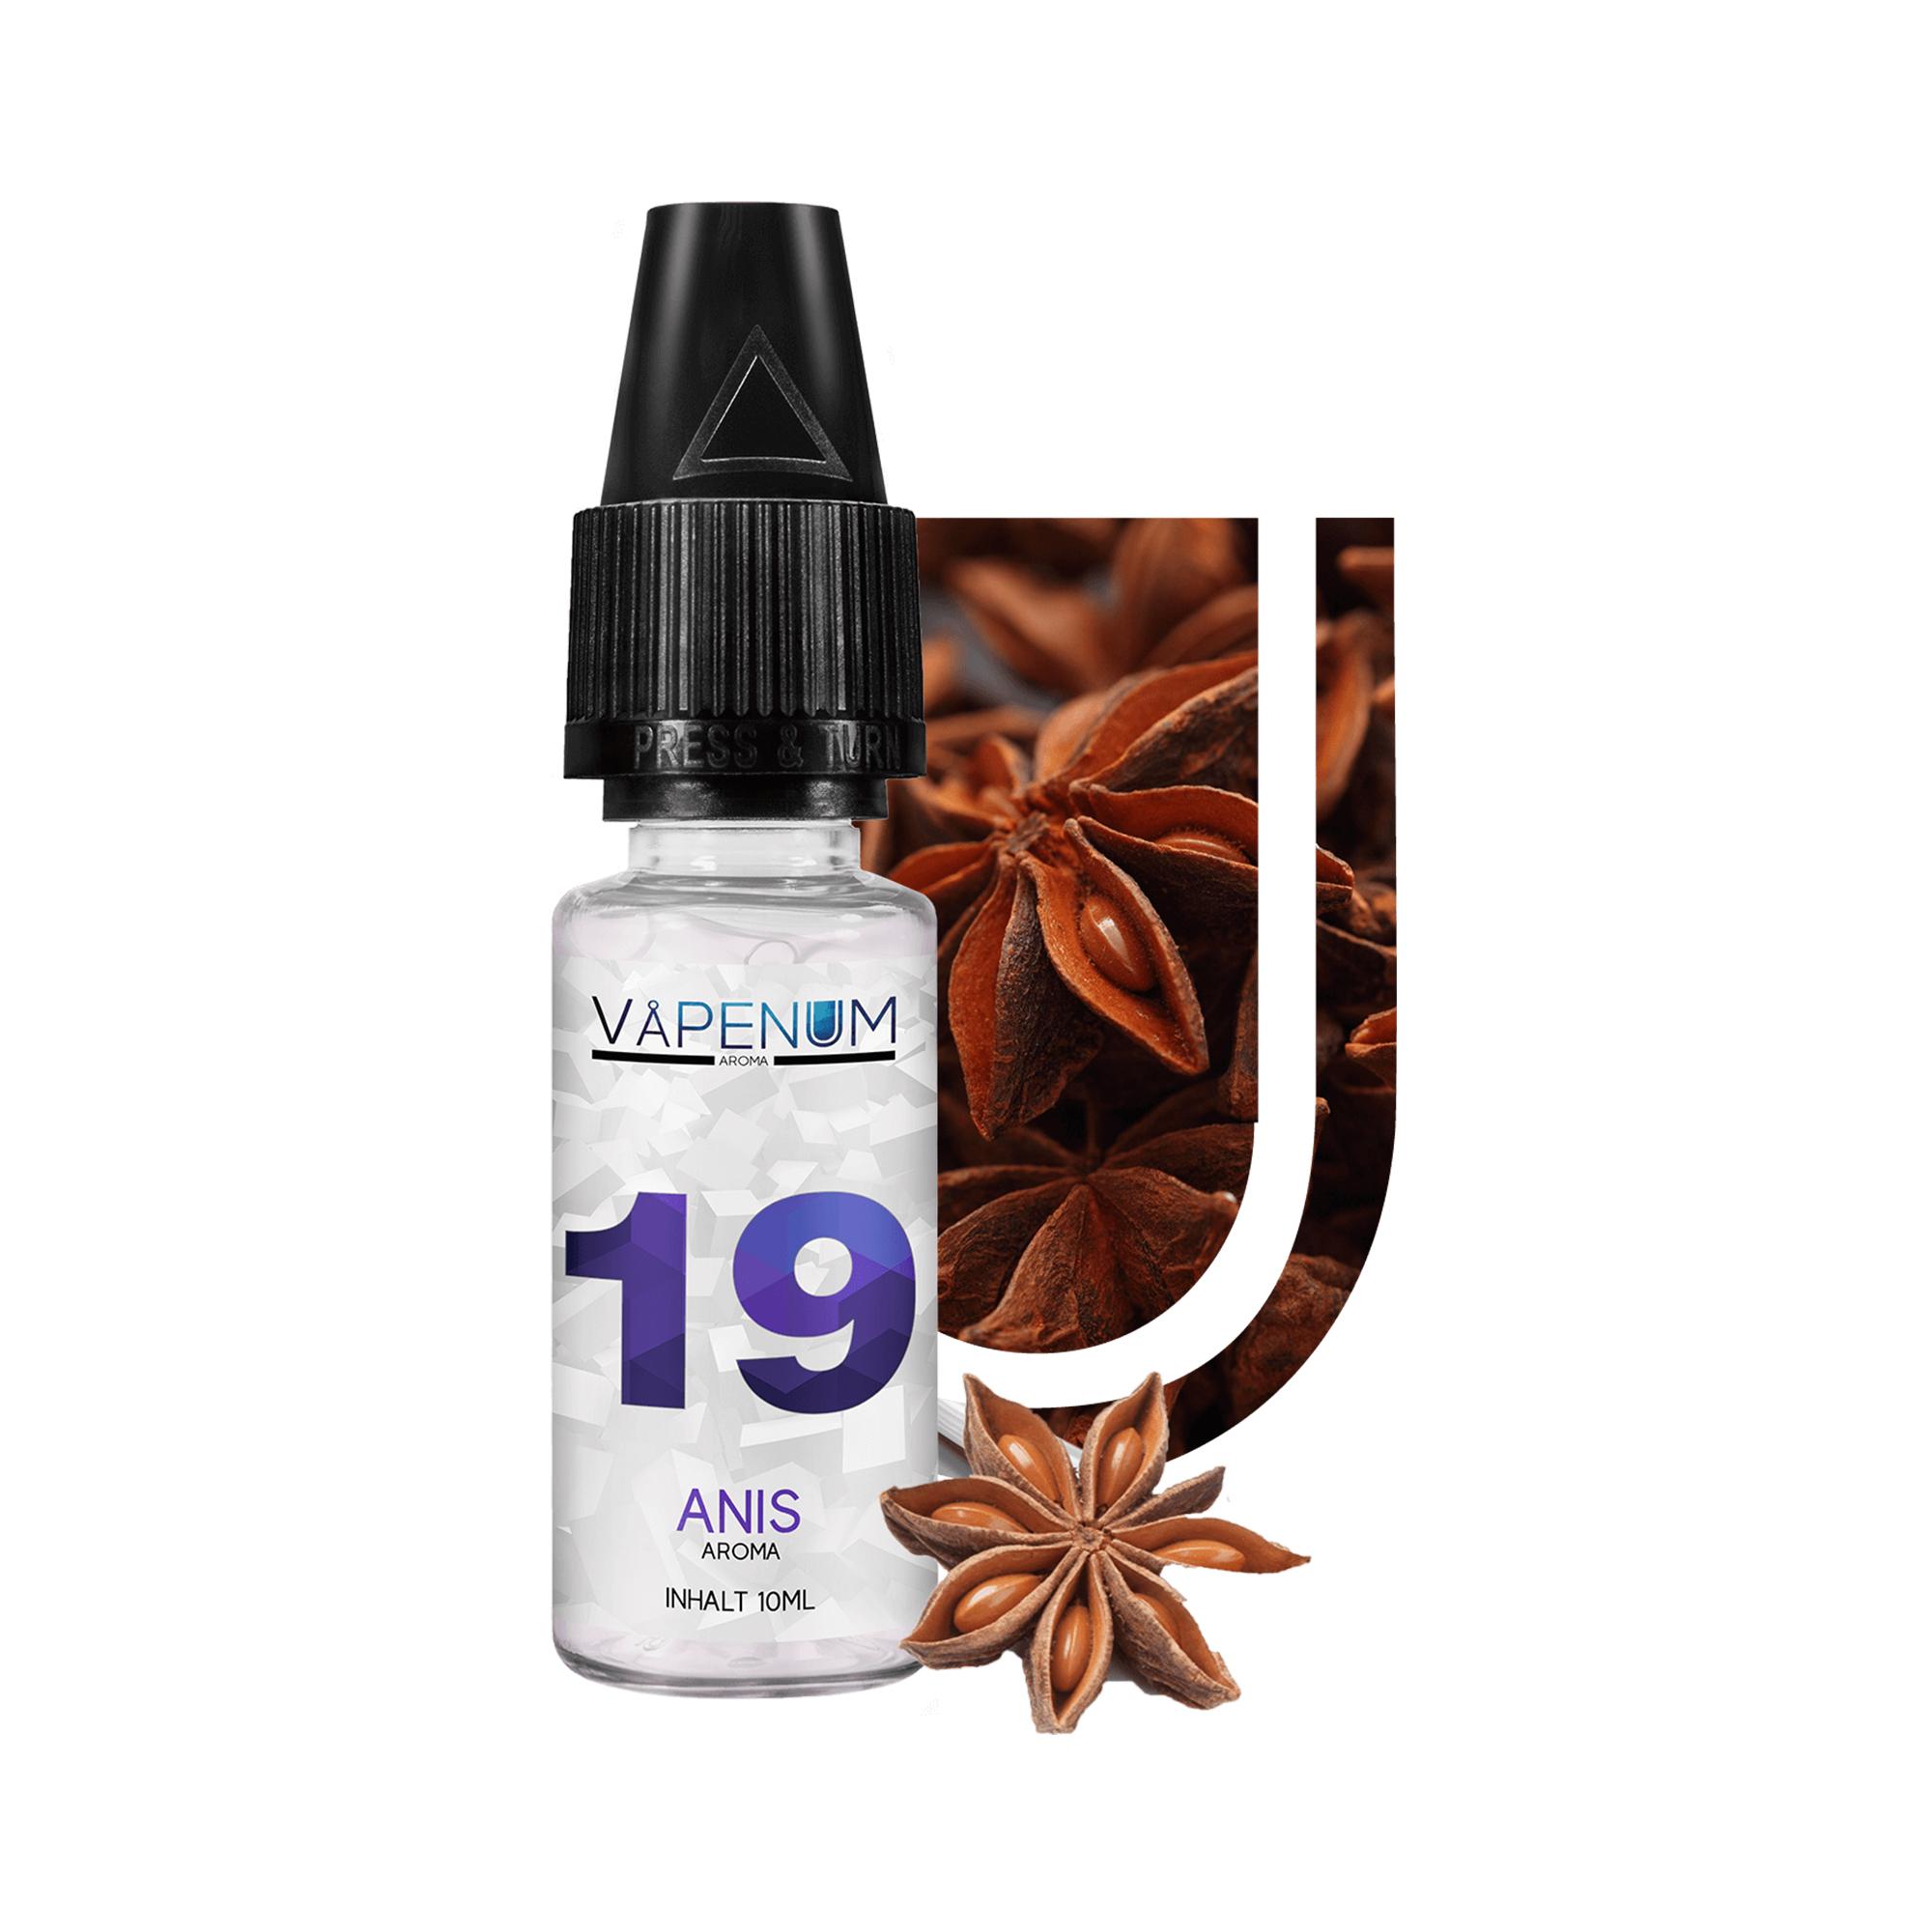 19 - Anis Aroma by Vapenum